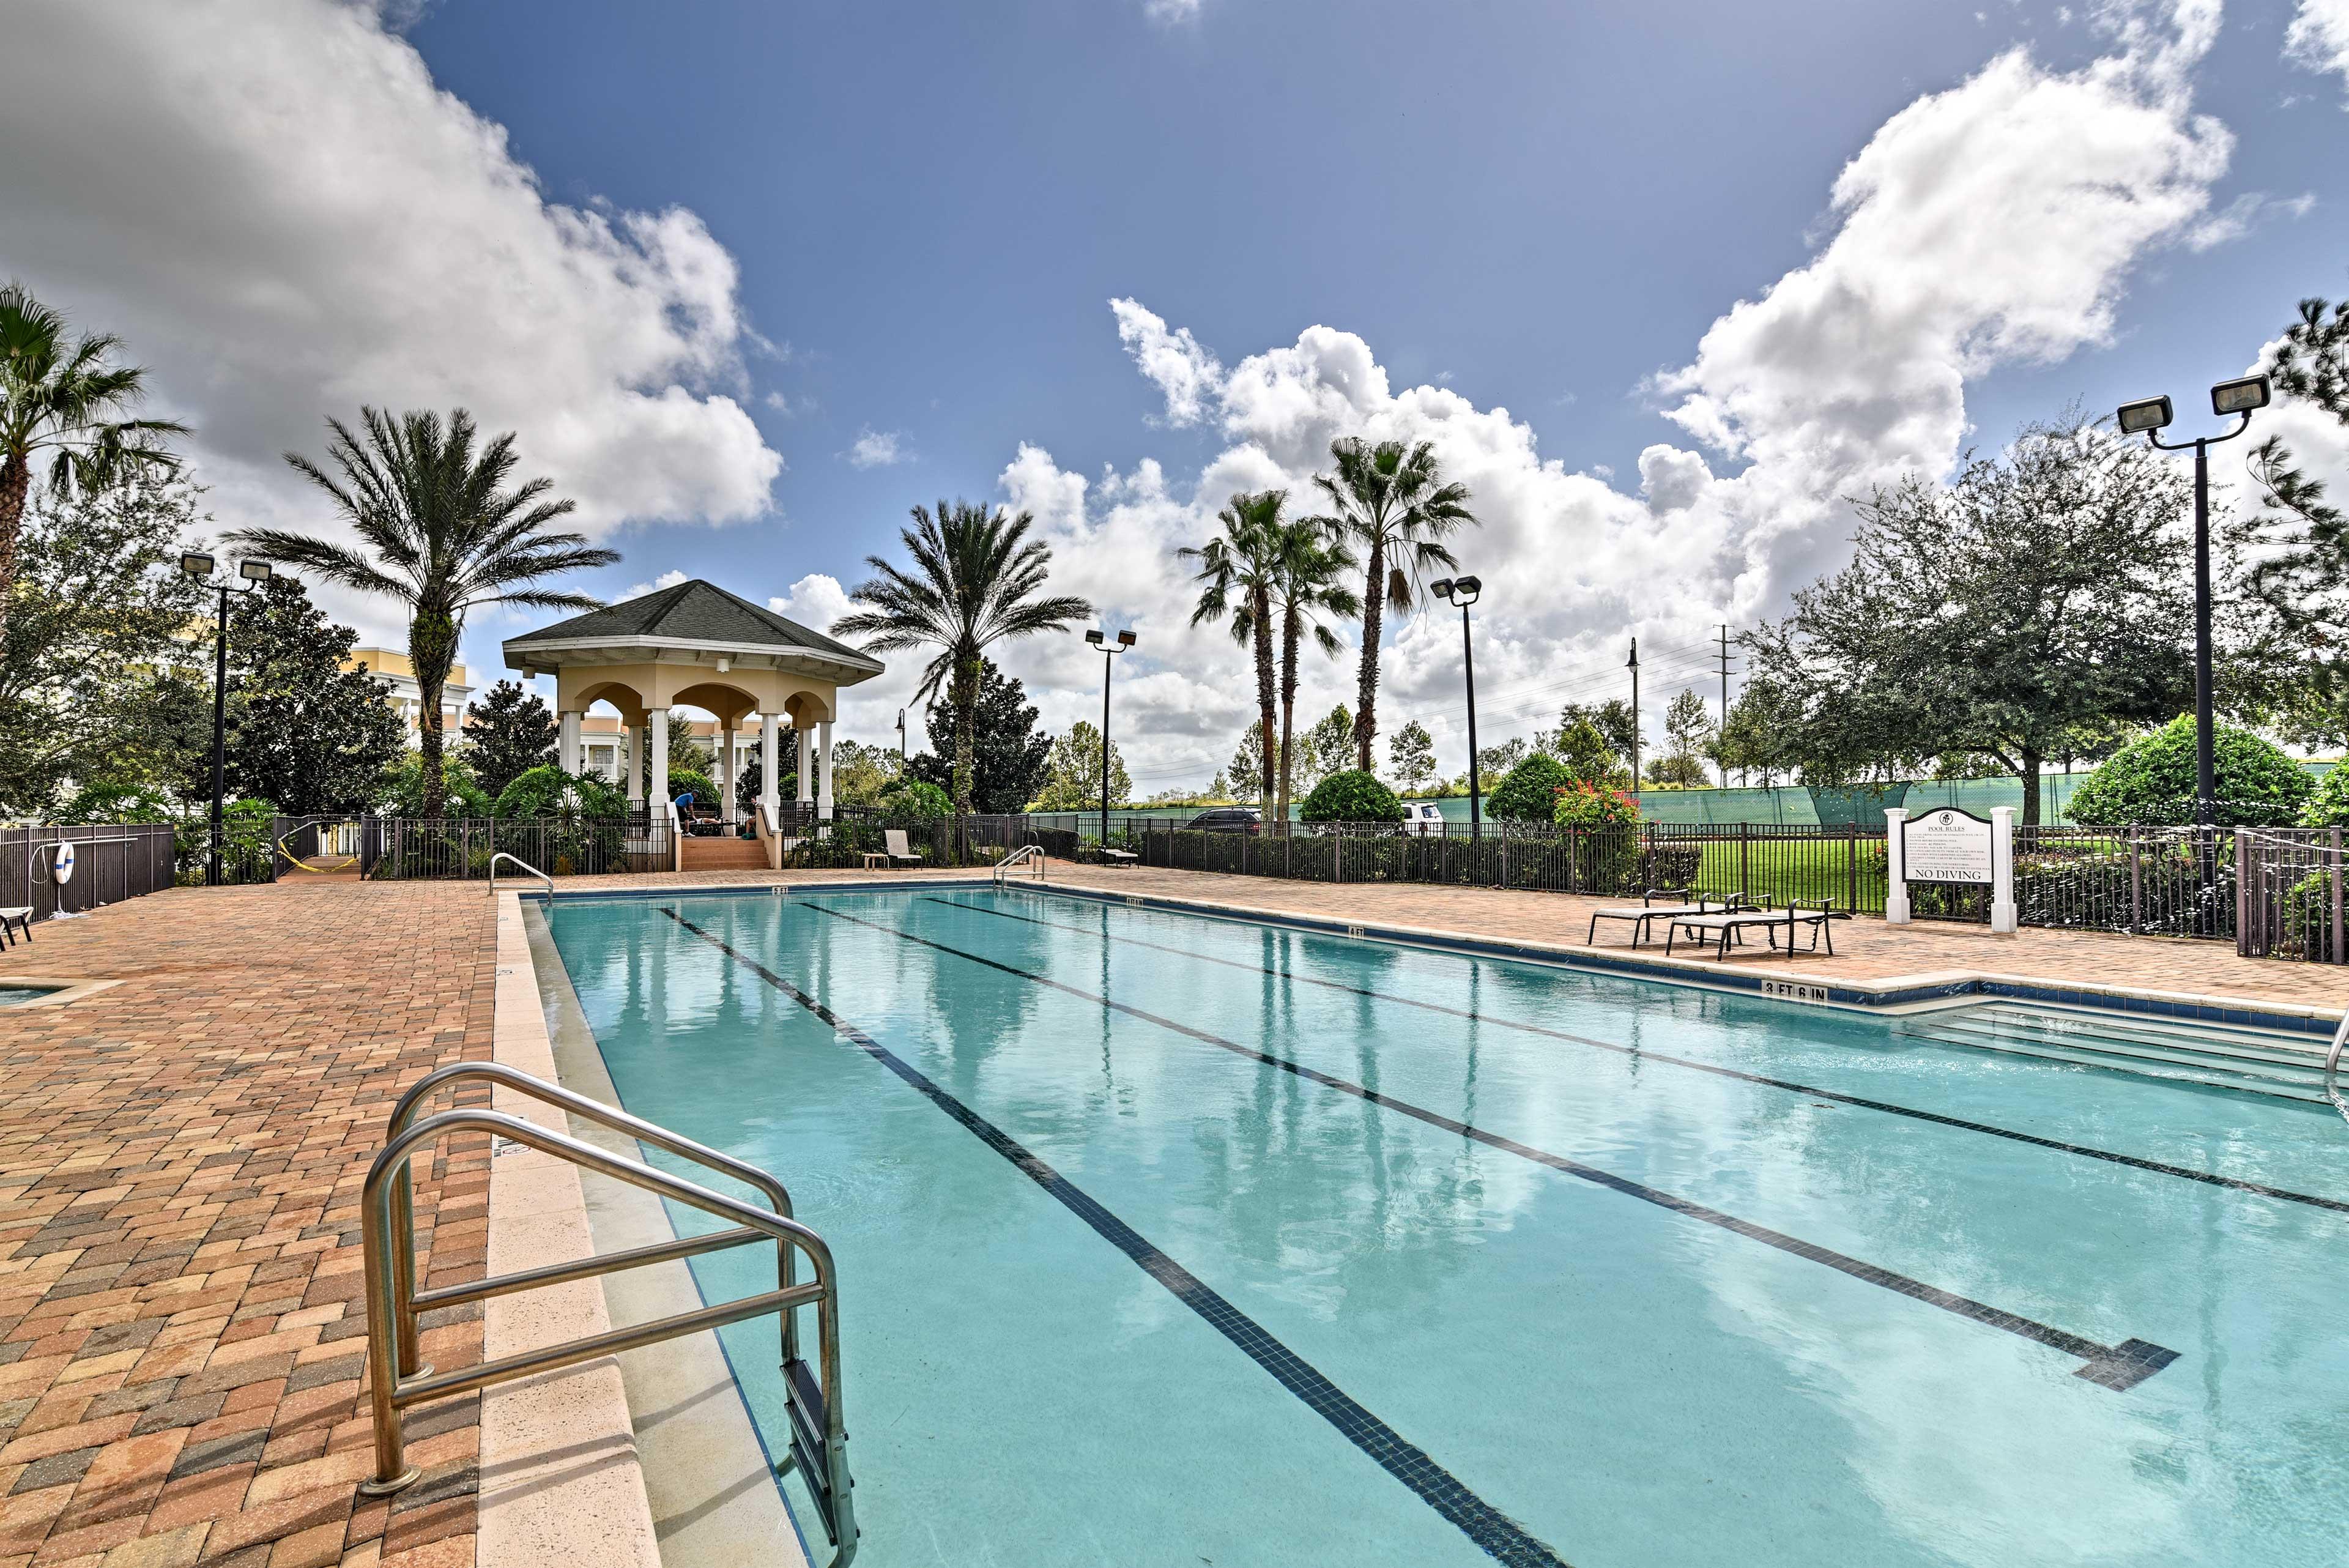 Resort Amenities | 11 Swimming Pools